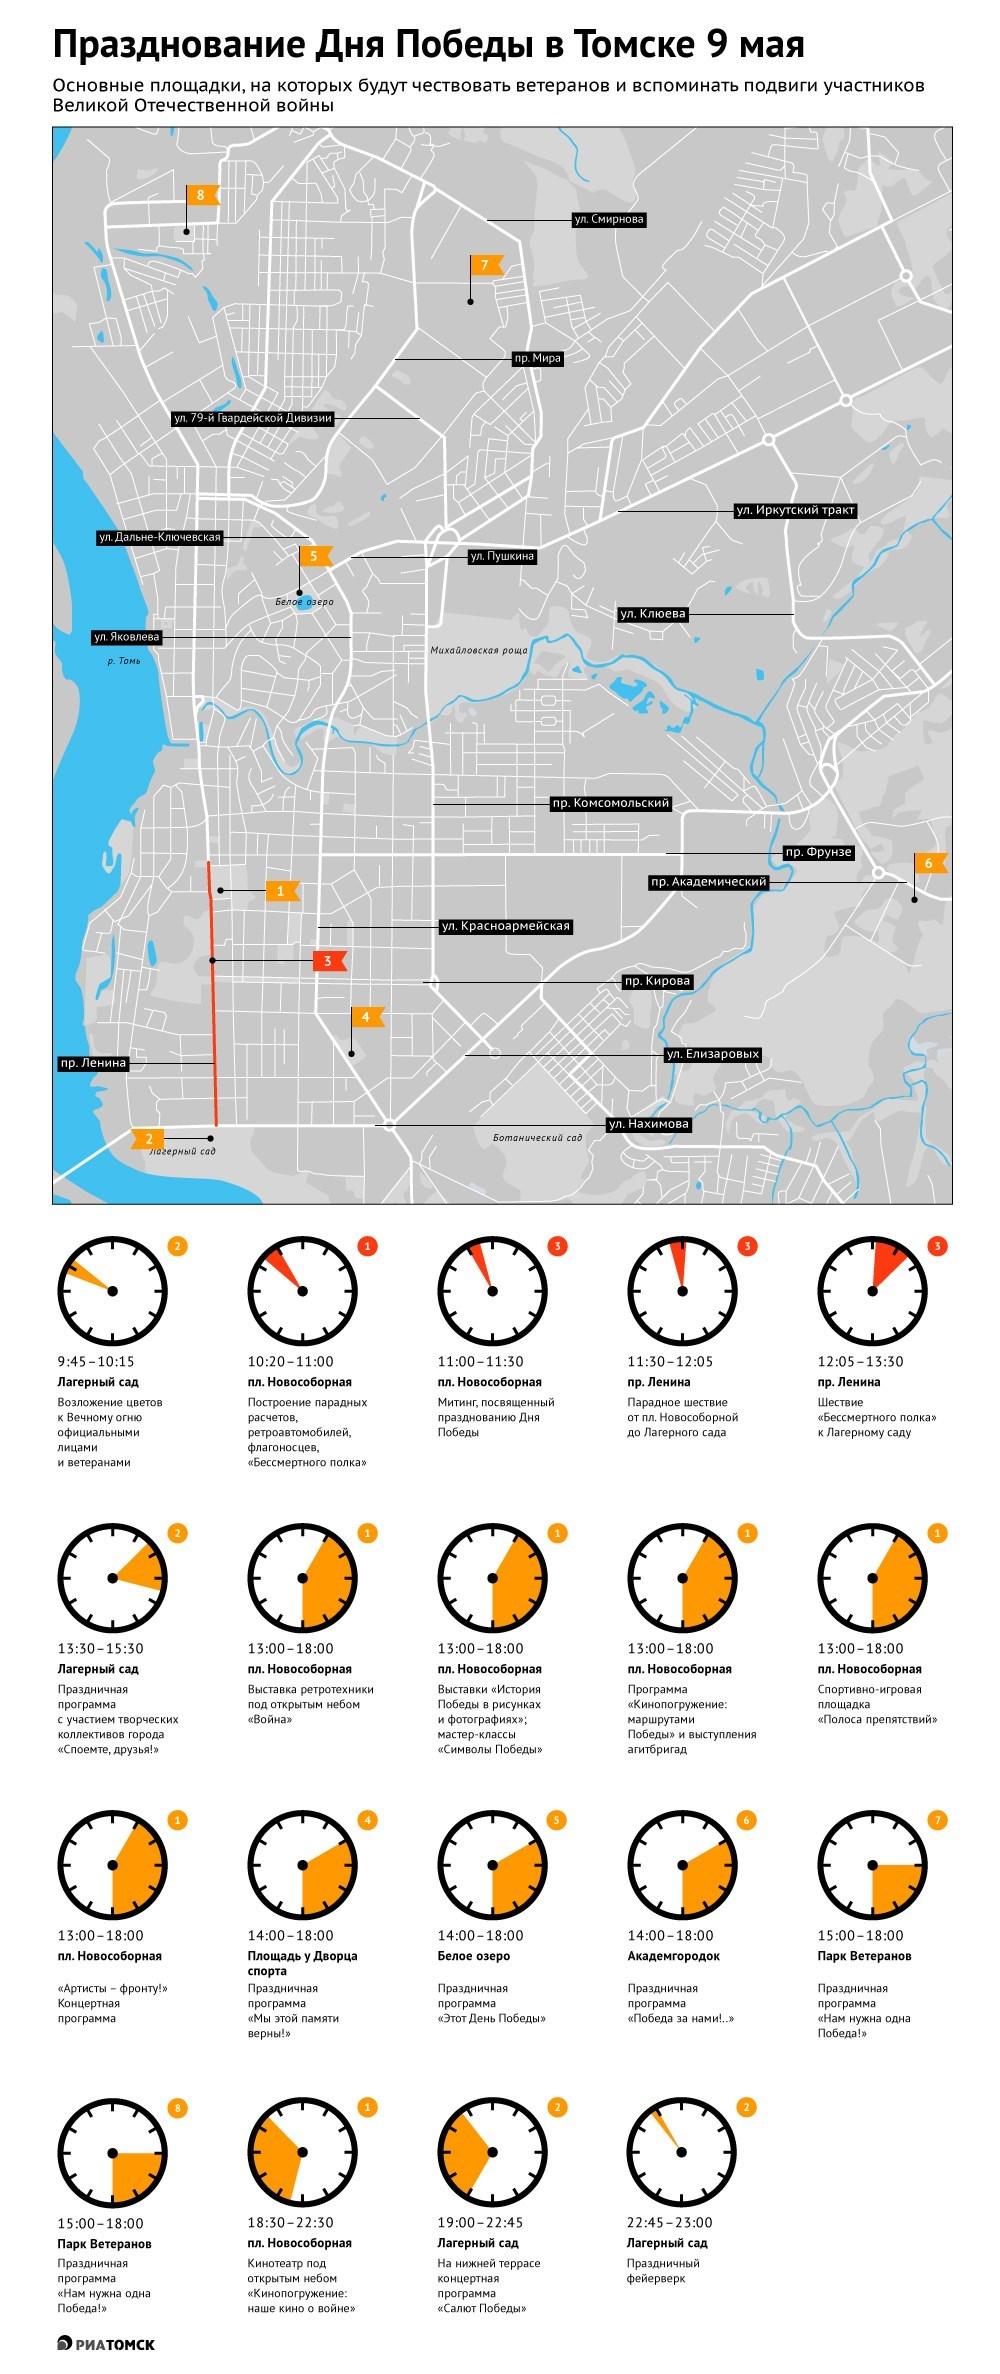 Праздничные мероприятия в честь Дня Победы пройдут в Томске на нескольких площадках. Сориентироваться в них поможет инфографика РИА Томск.